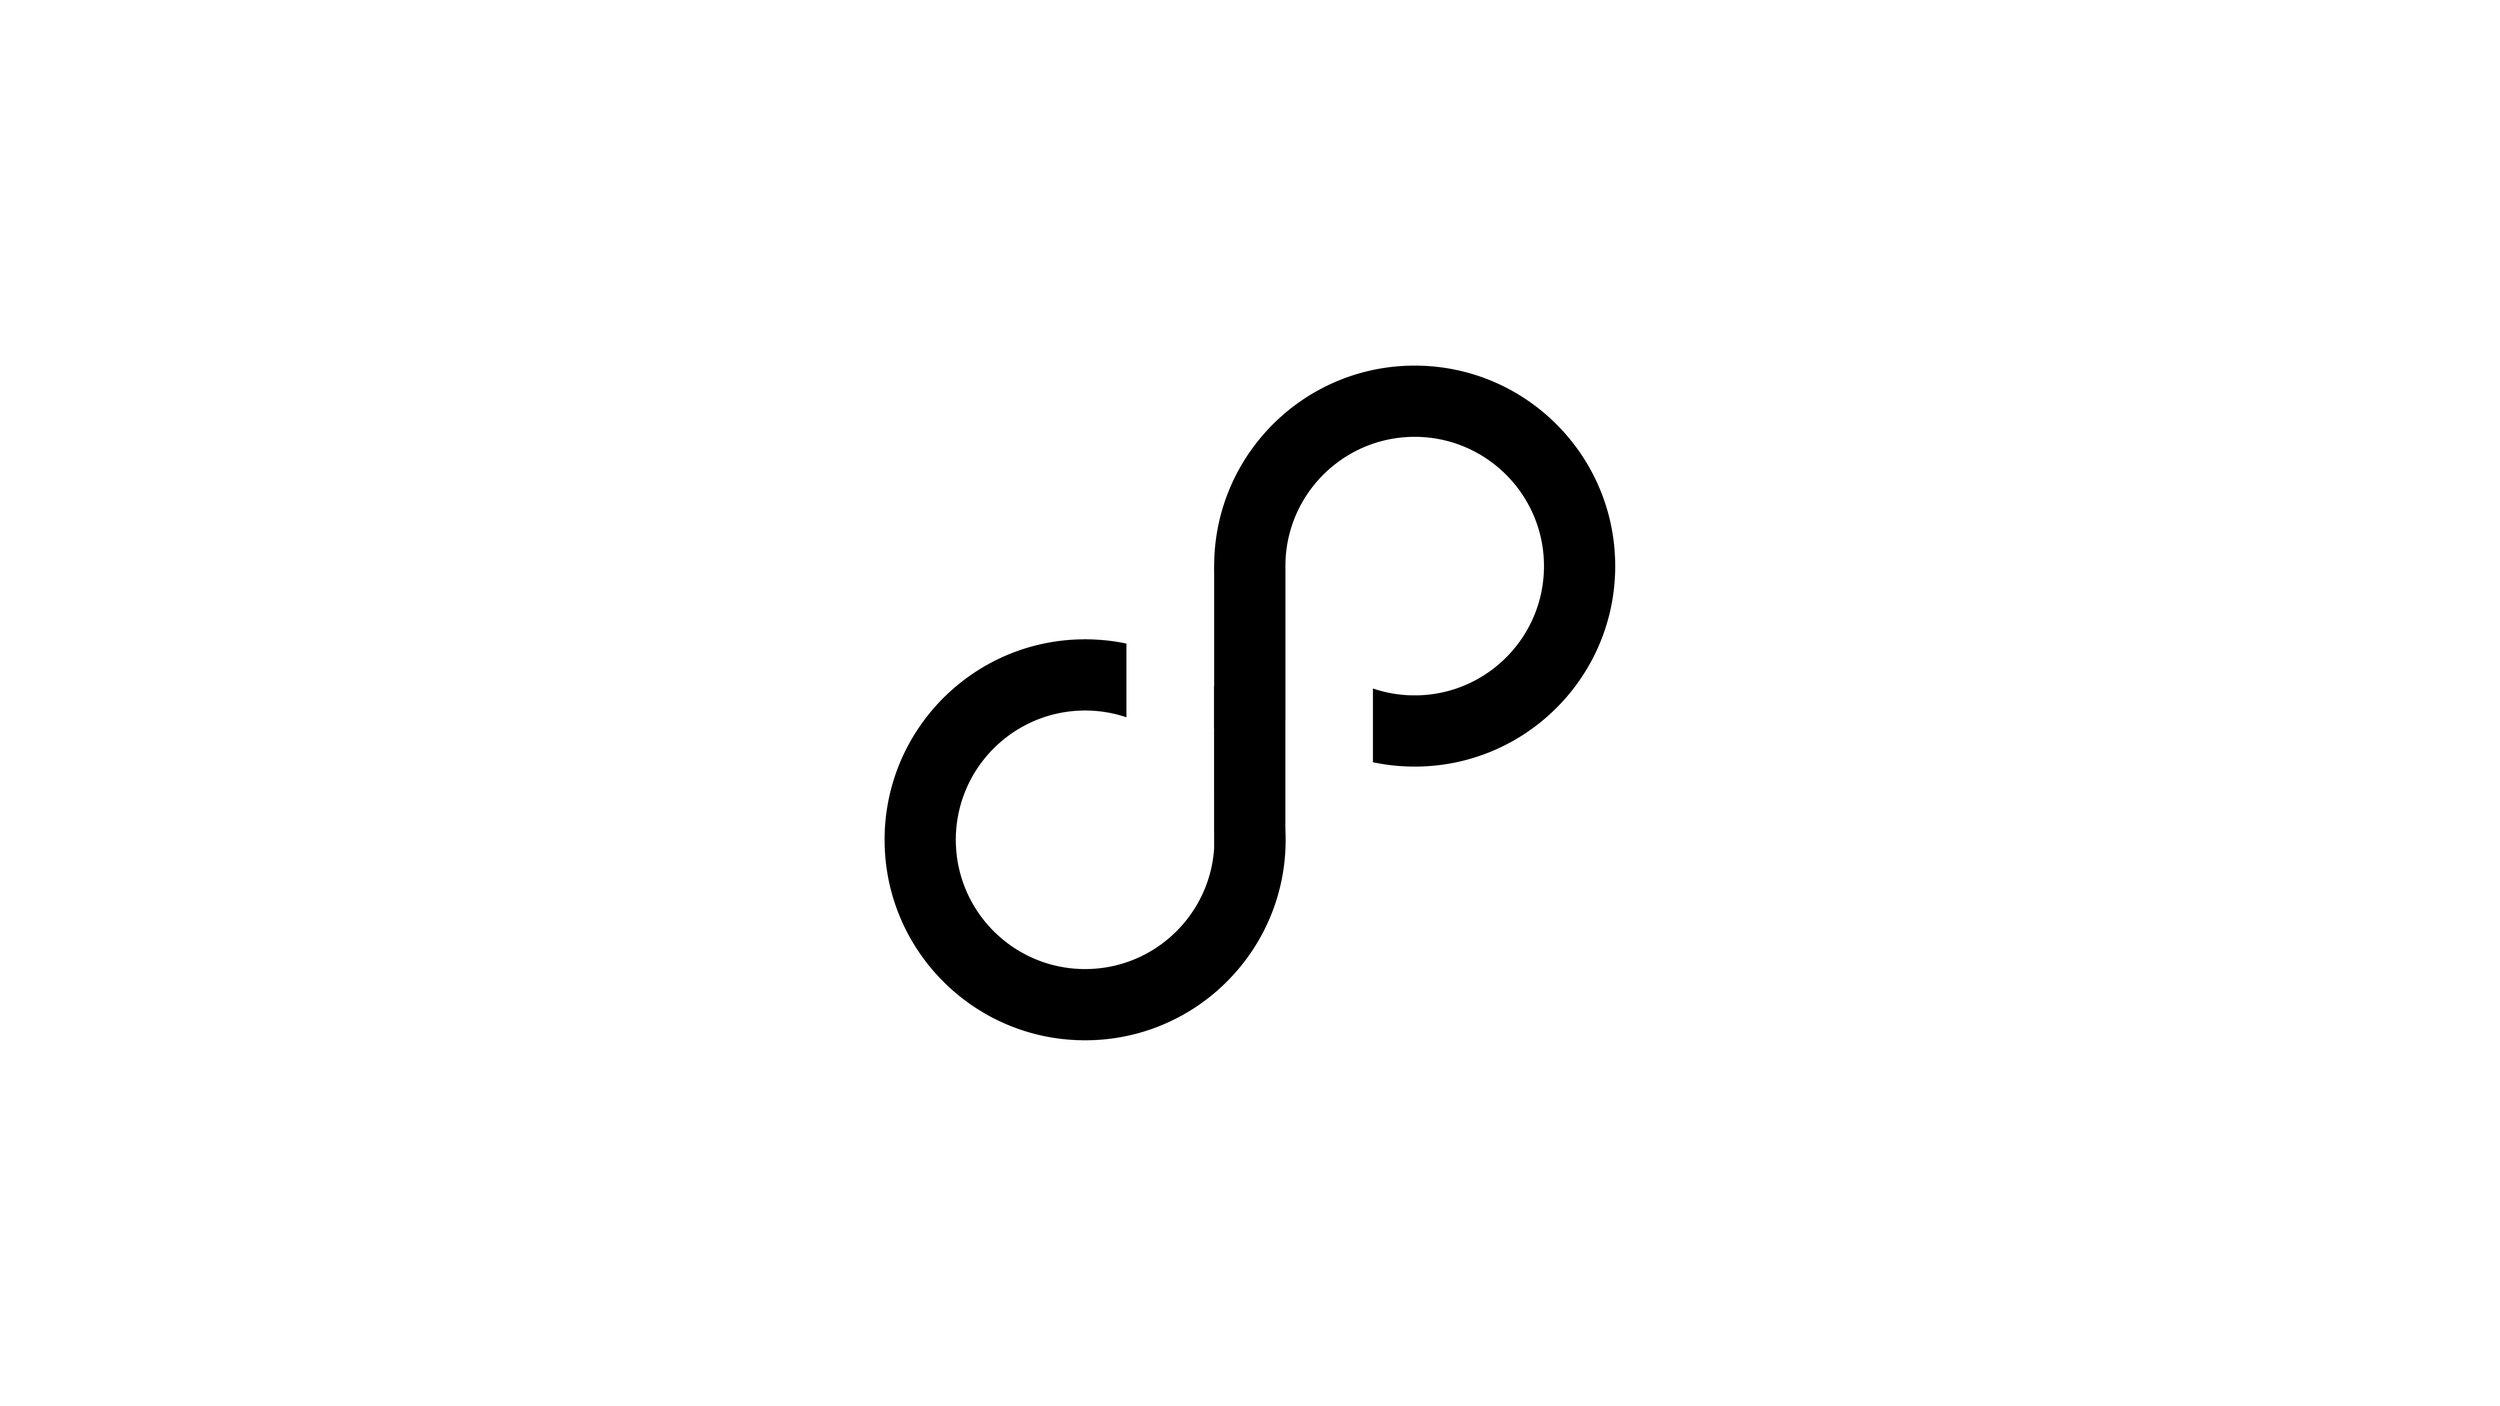 Brandmarks-dp.jpg